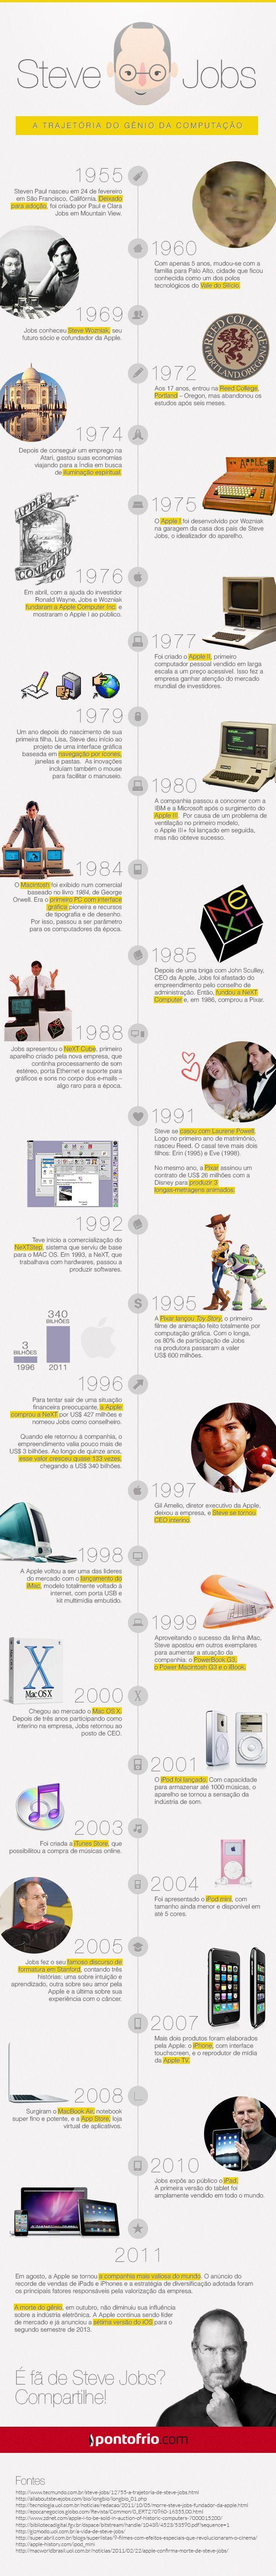 Infográfico - Steve Jobs - A trajetória do gênio da computação